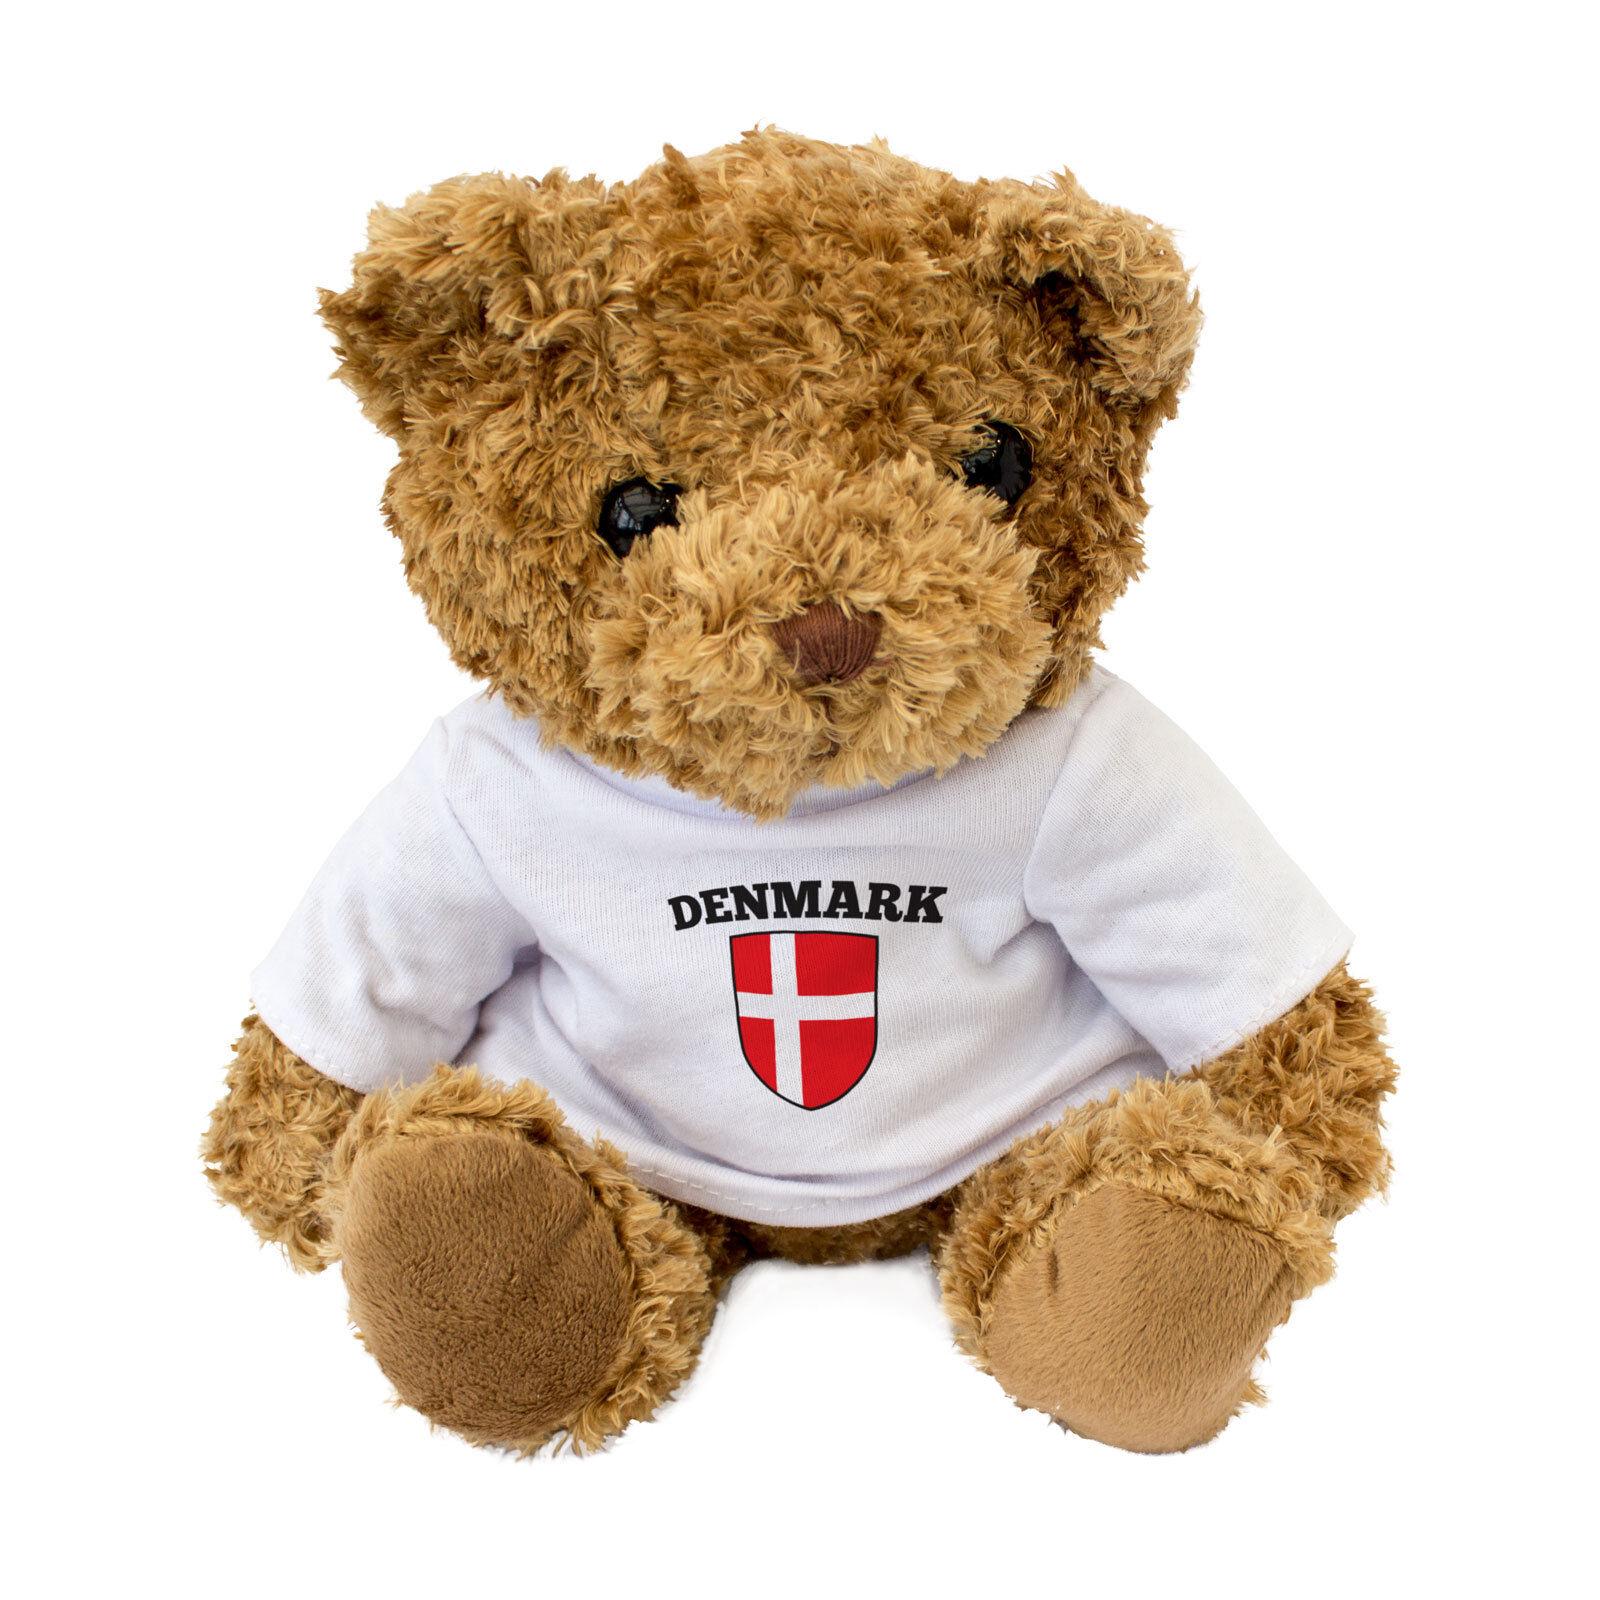 Neu Neu Neu - Dänemark Flagge - Teddybär - süß und kuschelig - Geschenk ca7b82